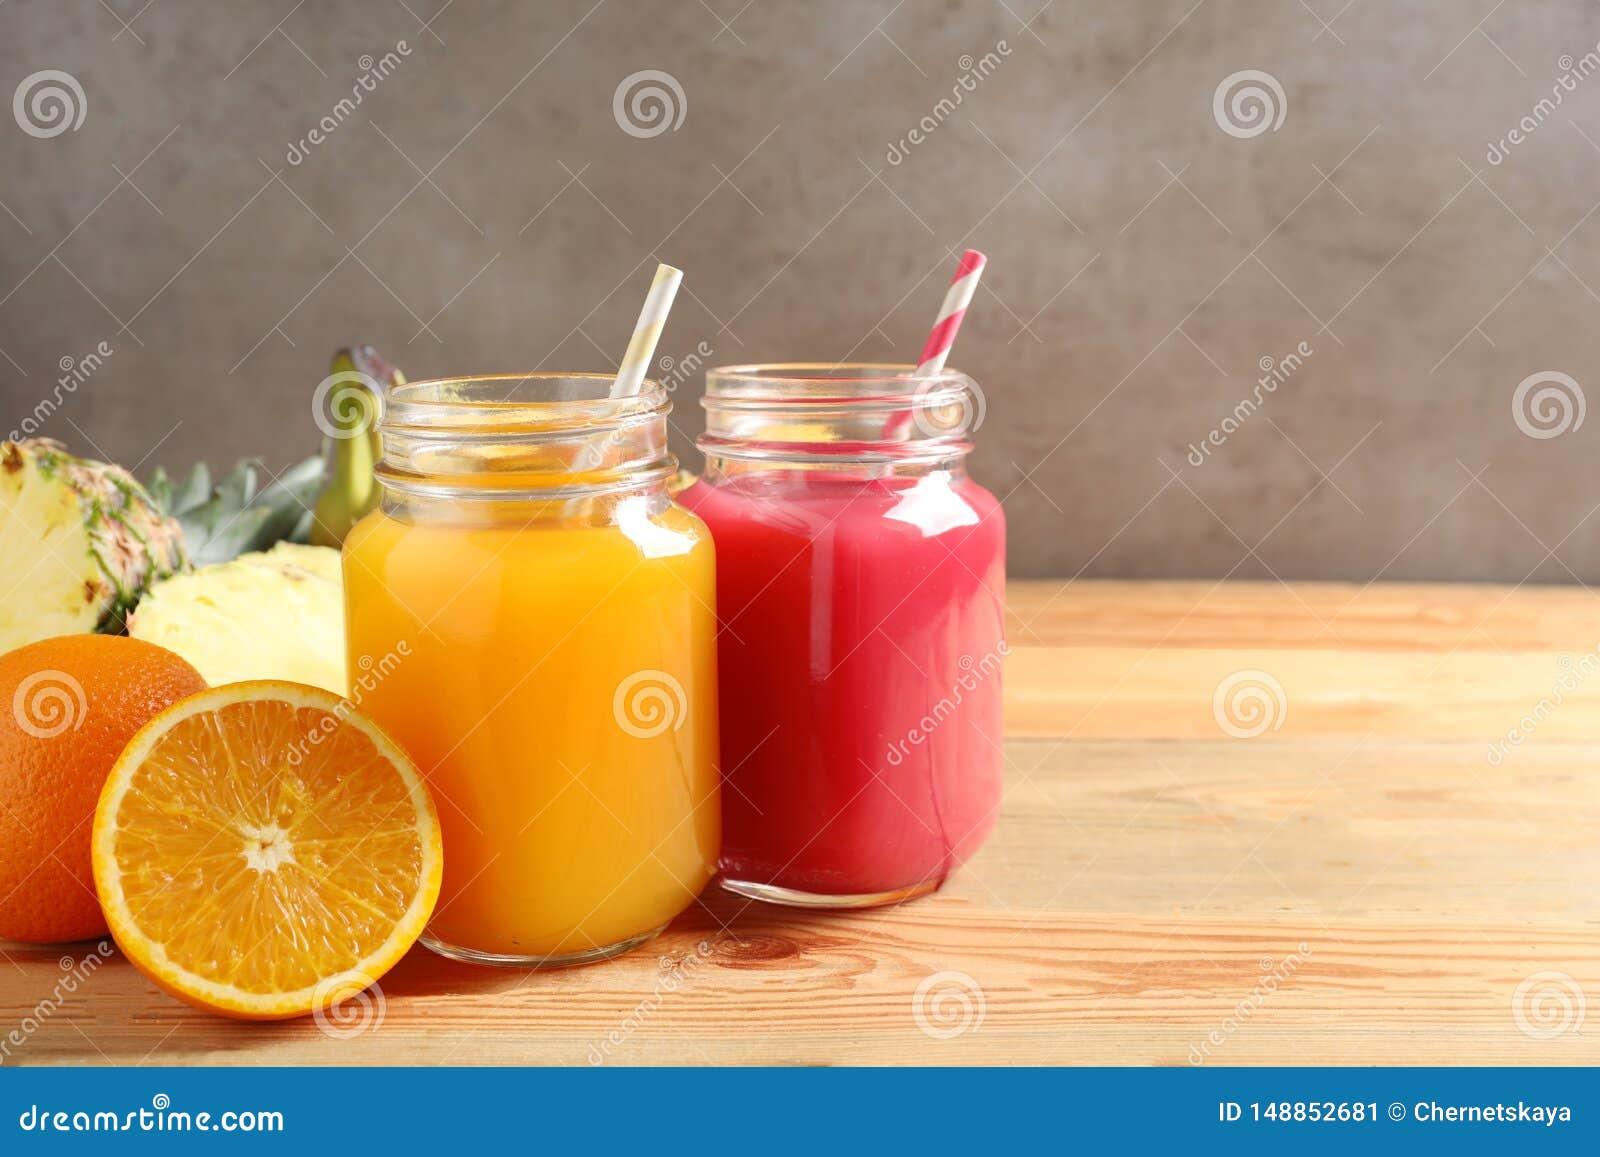 Kamieniarz?w s?oje z r??nymi sokami i ?wie?ymi owoc na drewnianym stole przeciw koloru t?u